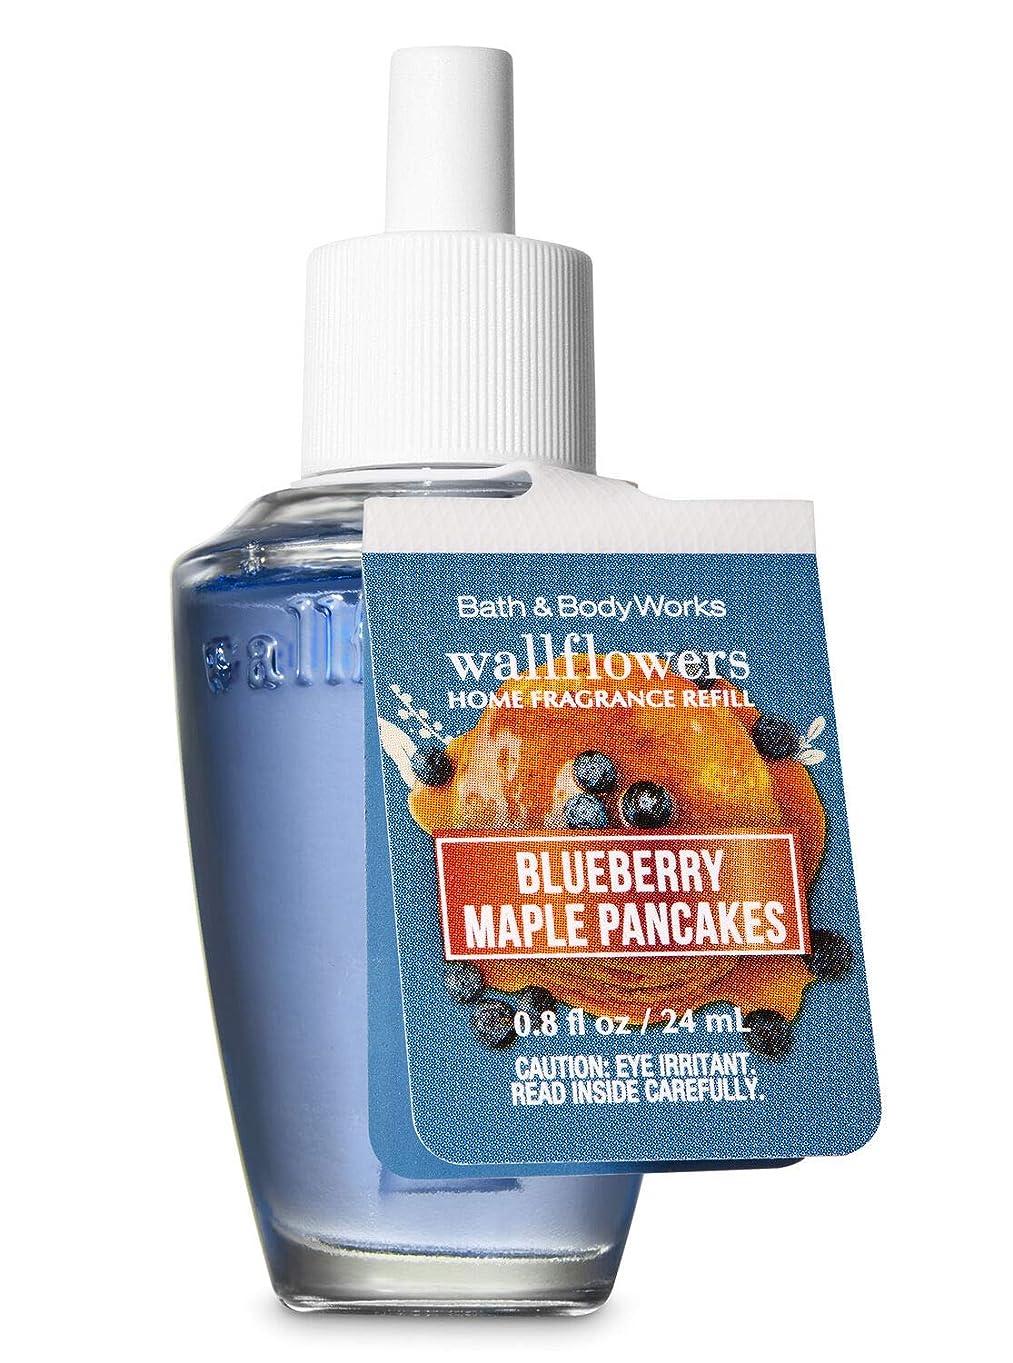 団結指コメンテーター【Bath&Body Works/バス&ボディワークス】 ルームフレグランス 詰替えリフィル ブルーベリーメープルパンケーキ Wallflowers Home Fragrance Refill Blueberry Maple Pancakes [並行輸入品]